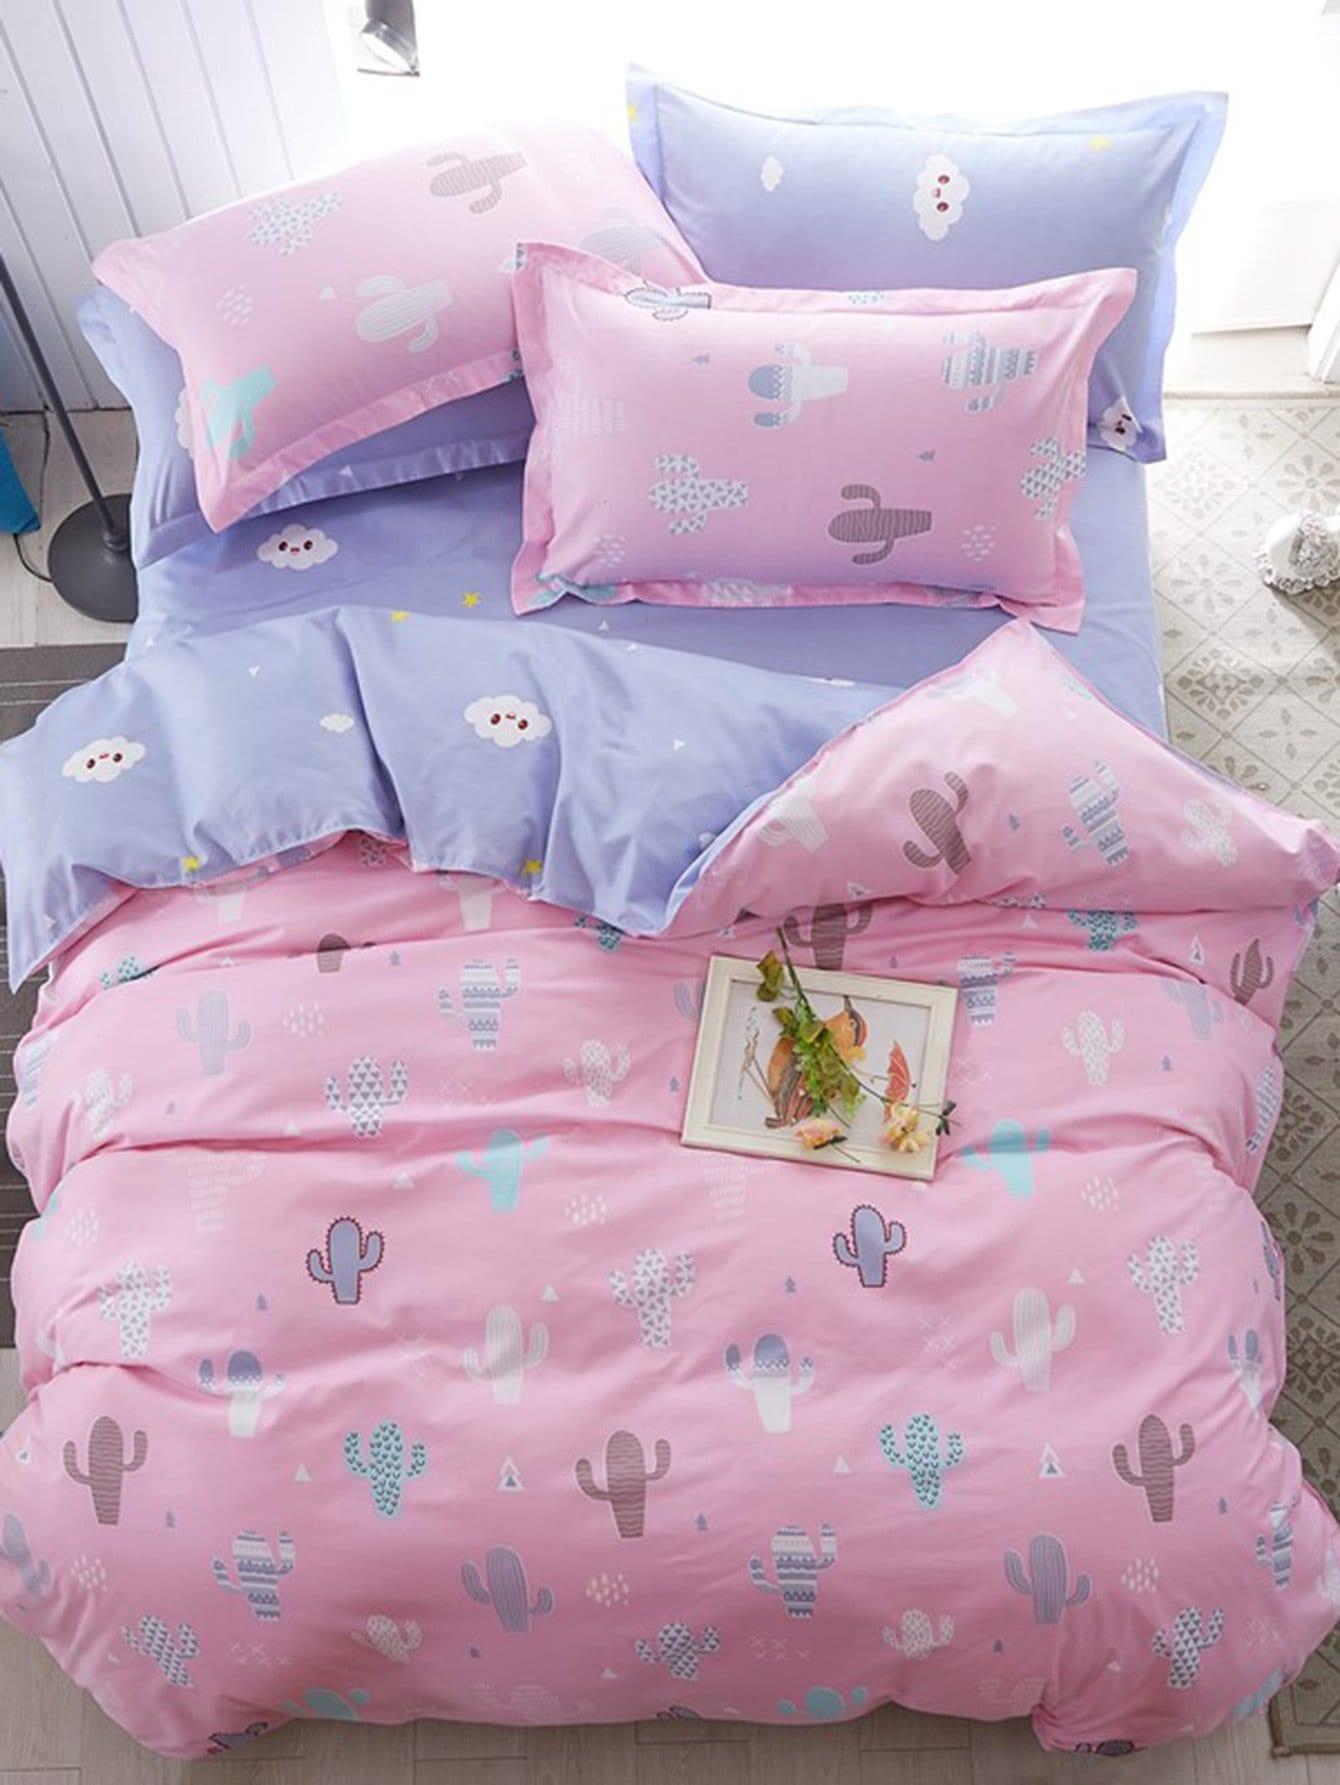 Купить Комплект для кровати с принтом кактусы и облака, null, SheIn